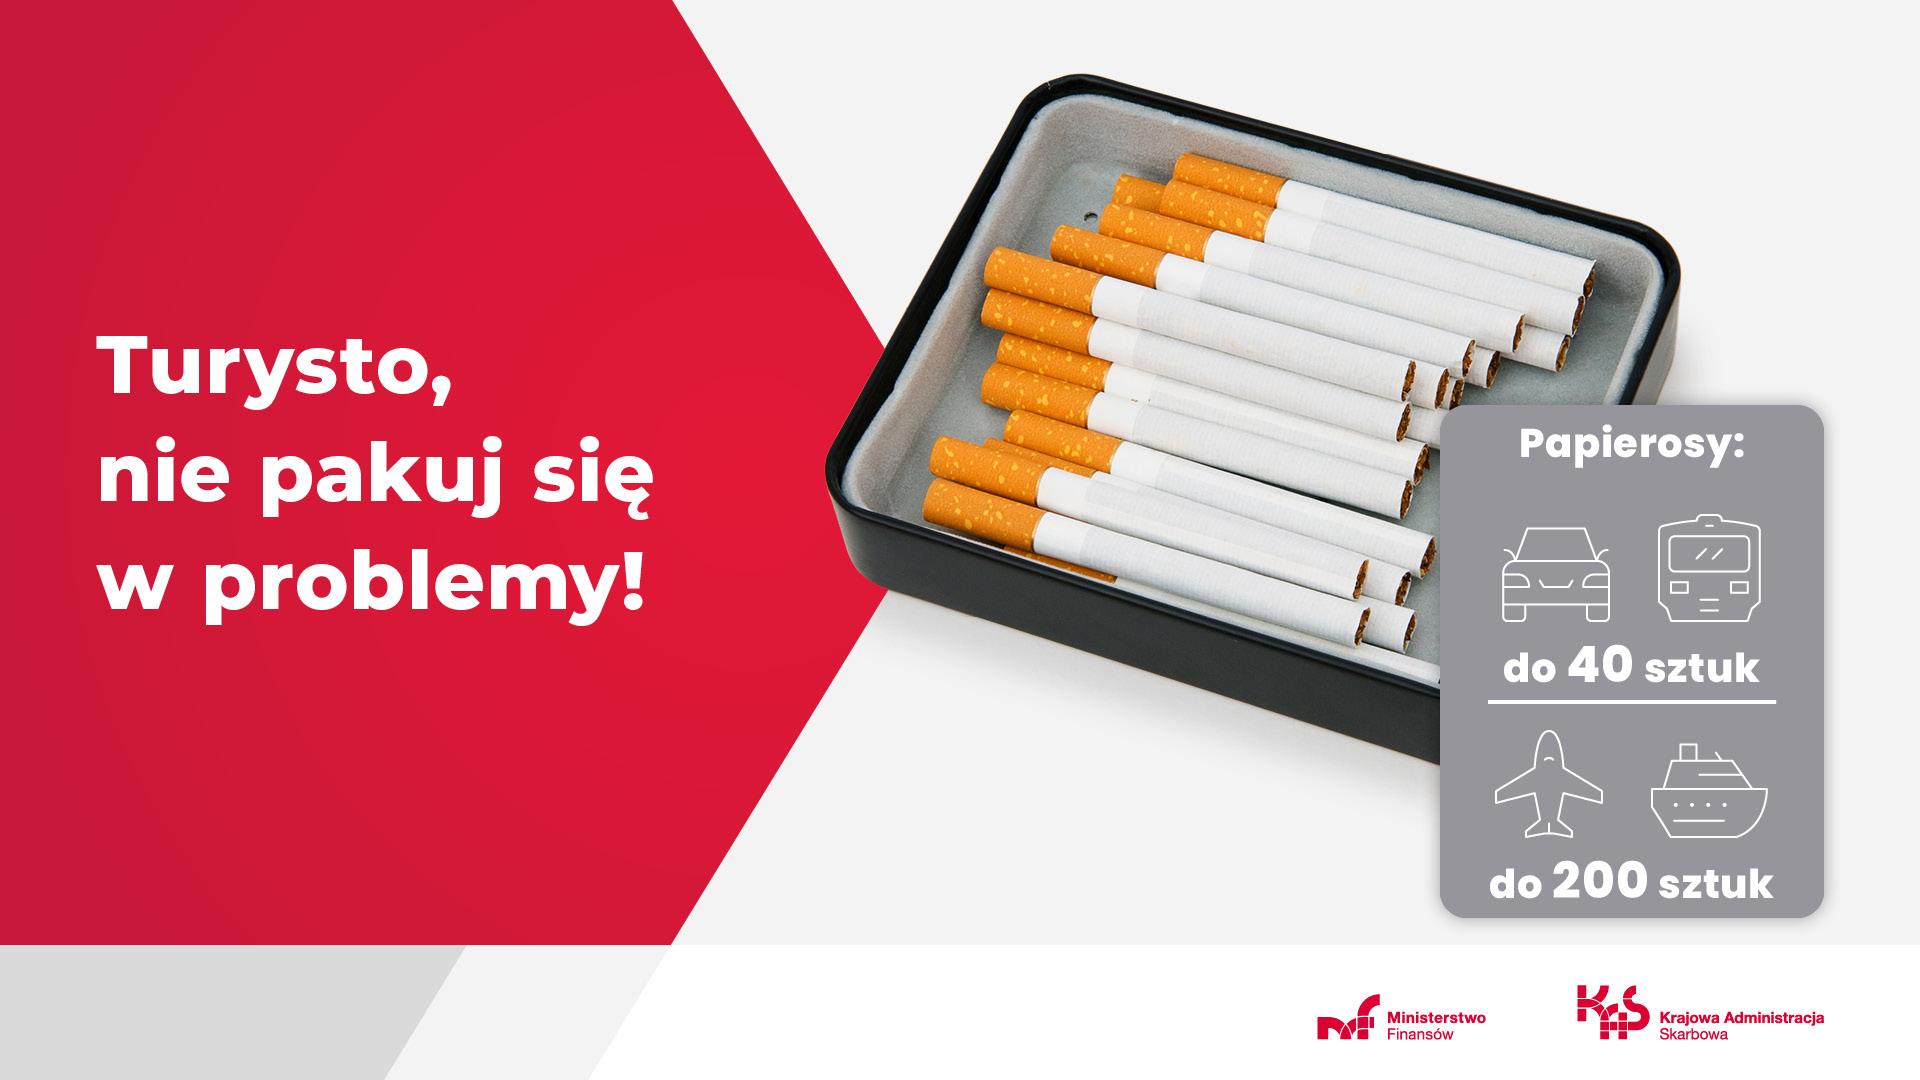 Turysto nie pakuj się w problemy! Papierosy: transportem lądowym do 40 papierosów, samolotem lub statkiem do 200 papierosów.